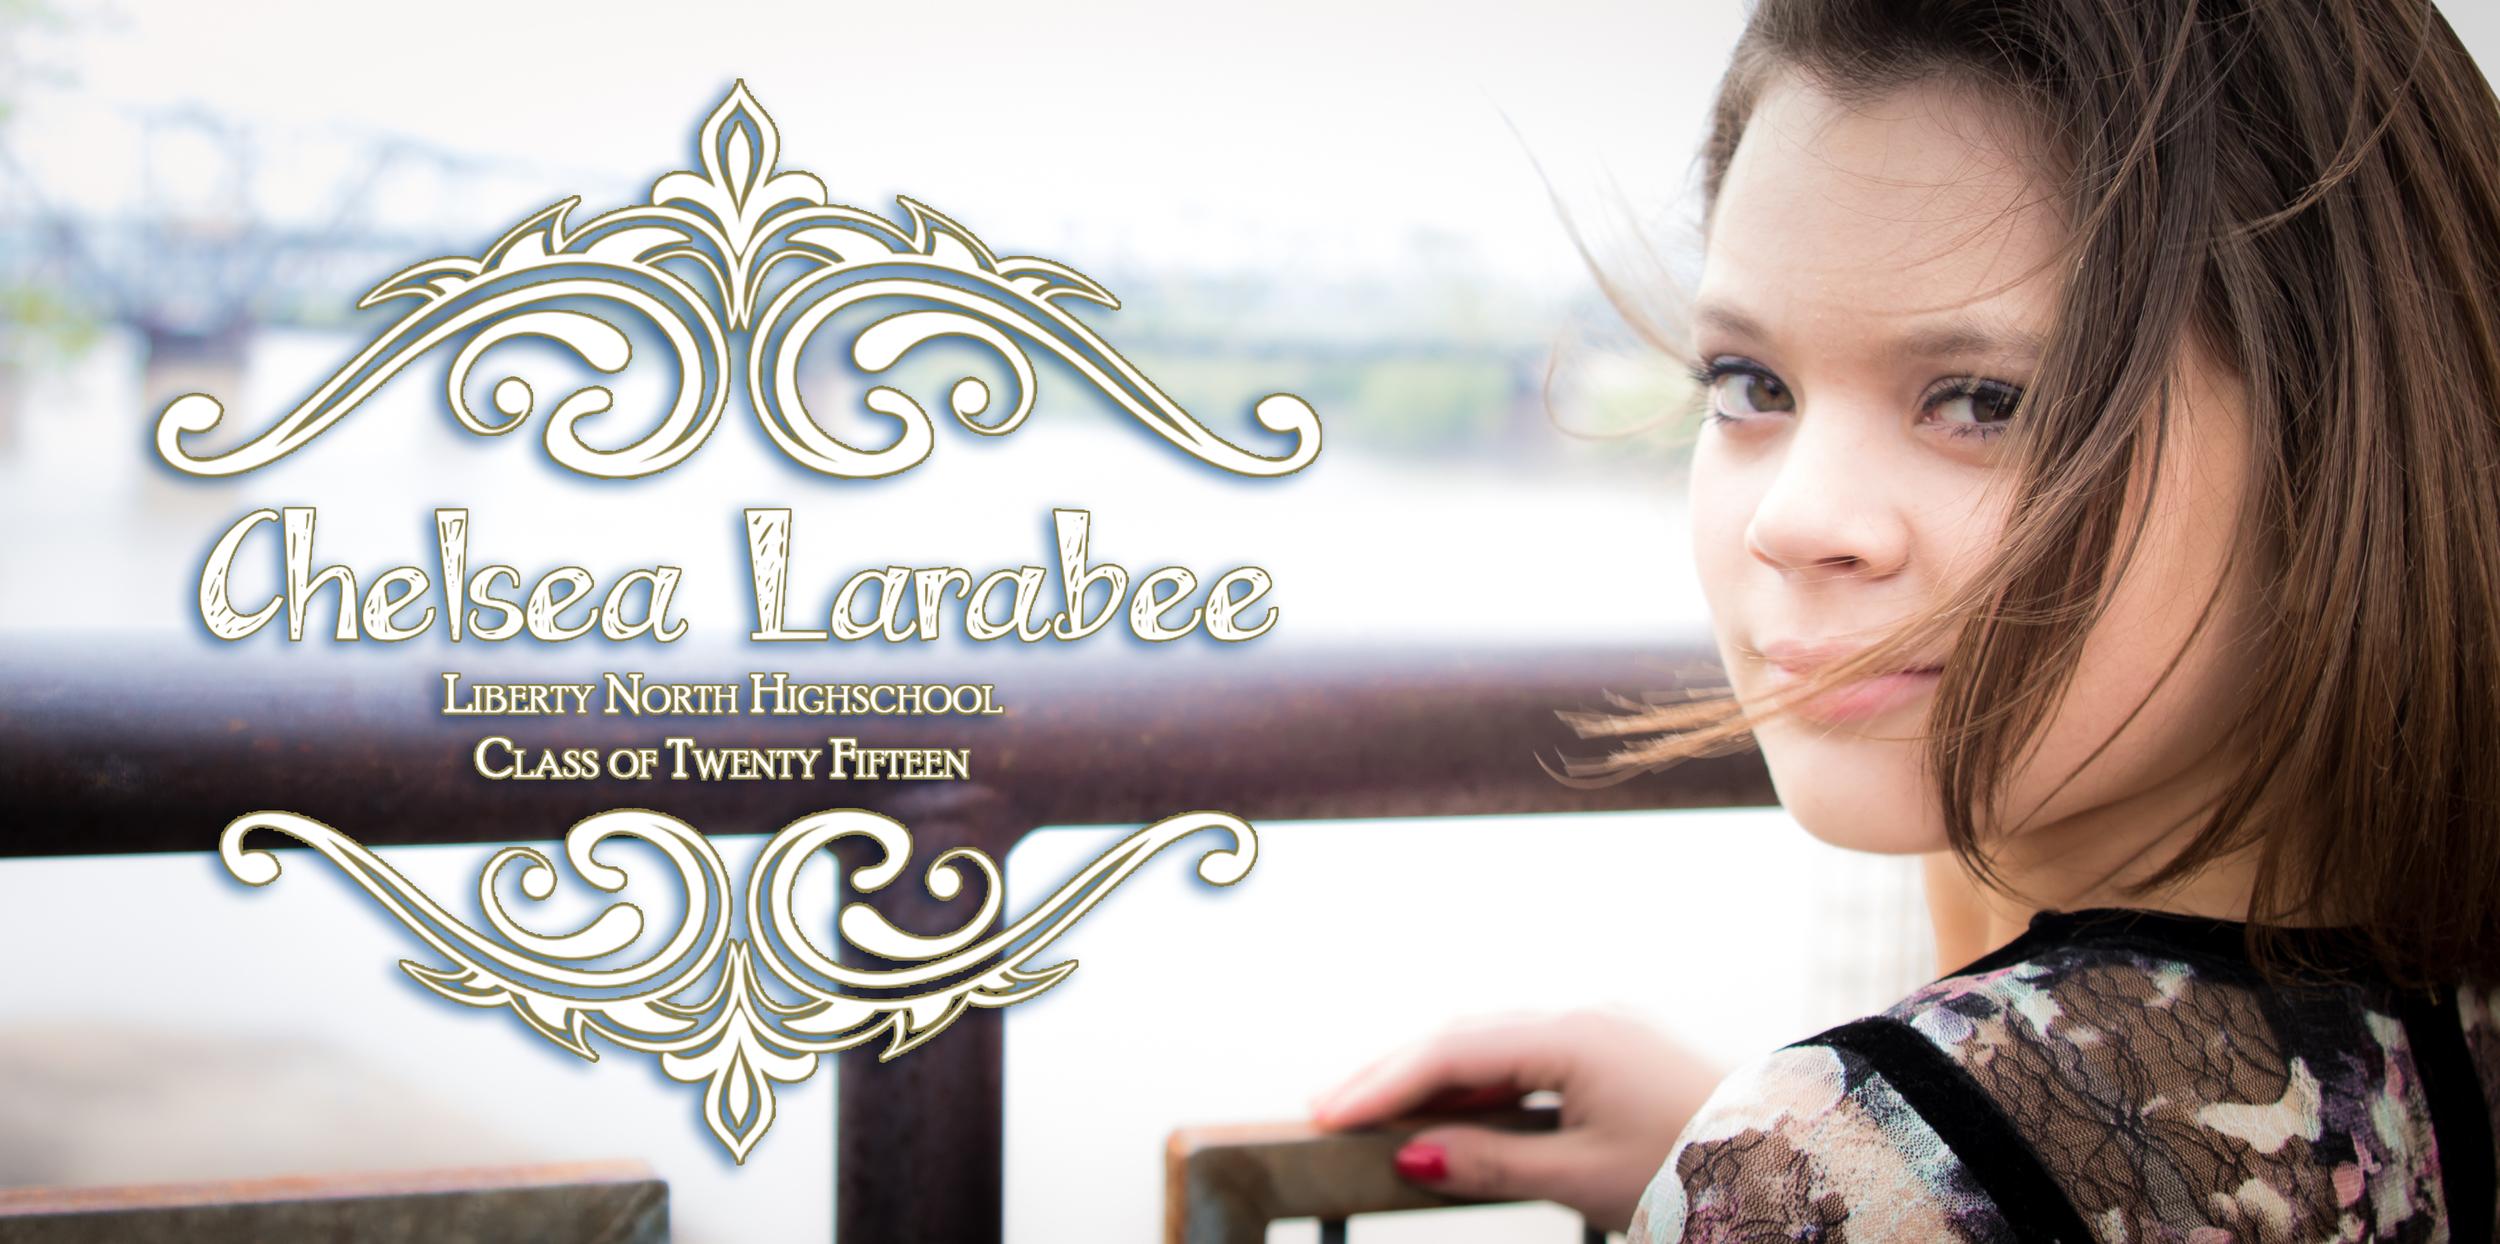 Chelsea Larabee Senior CatsEye Photography 2015 Banner 8.jpg